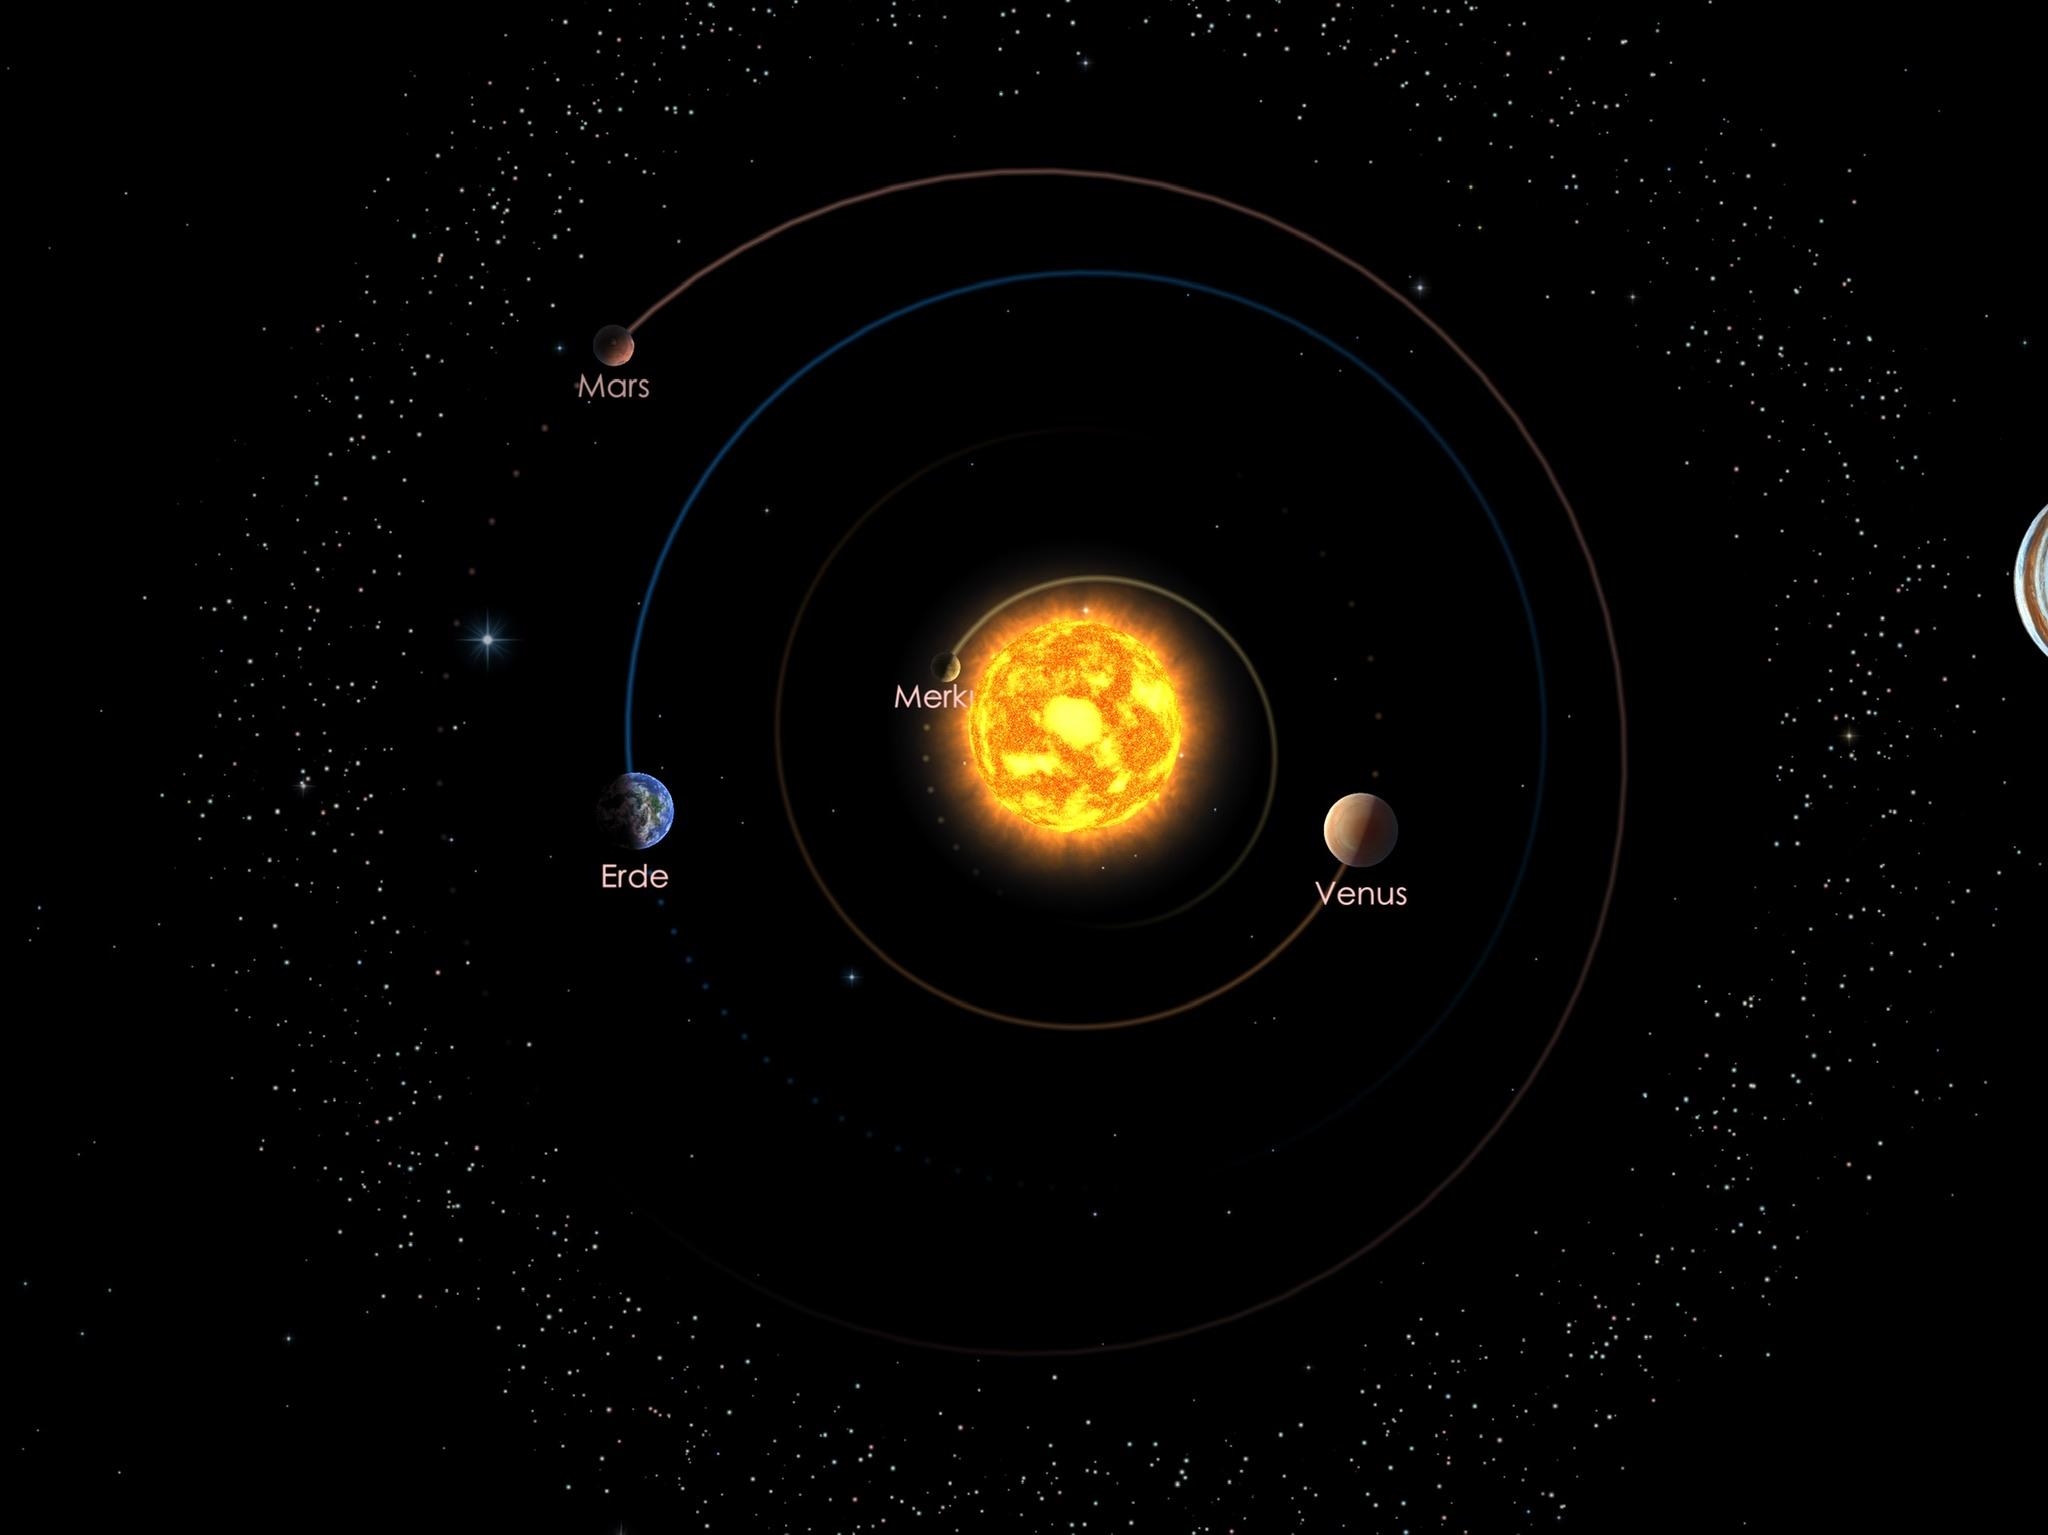 Die Positionen der inneren Planeten am 01.02.21